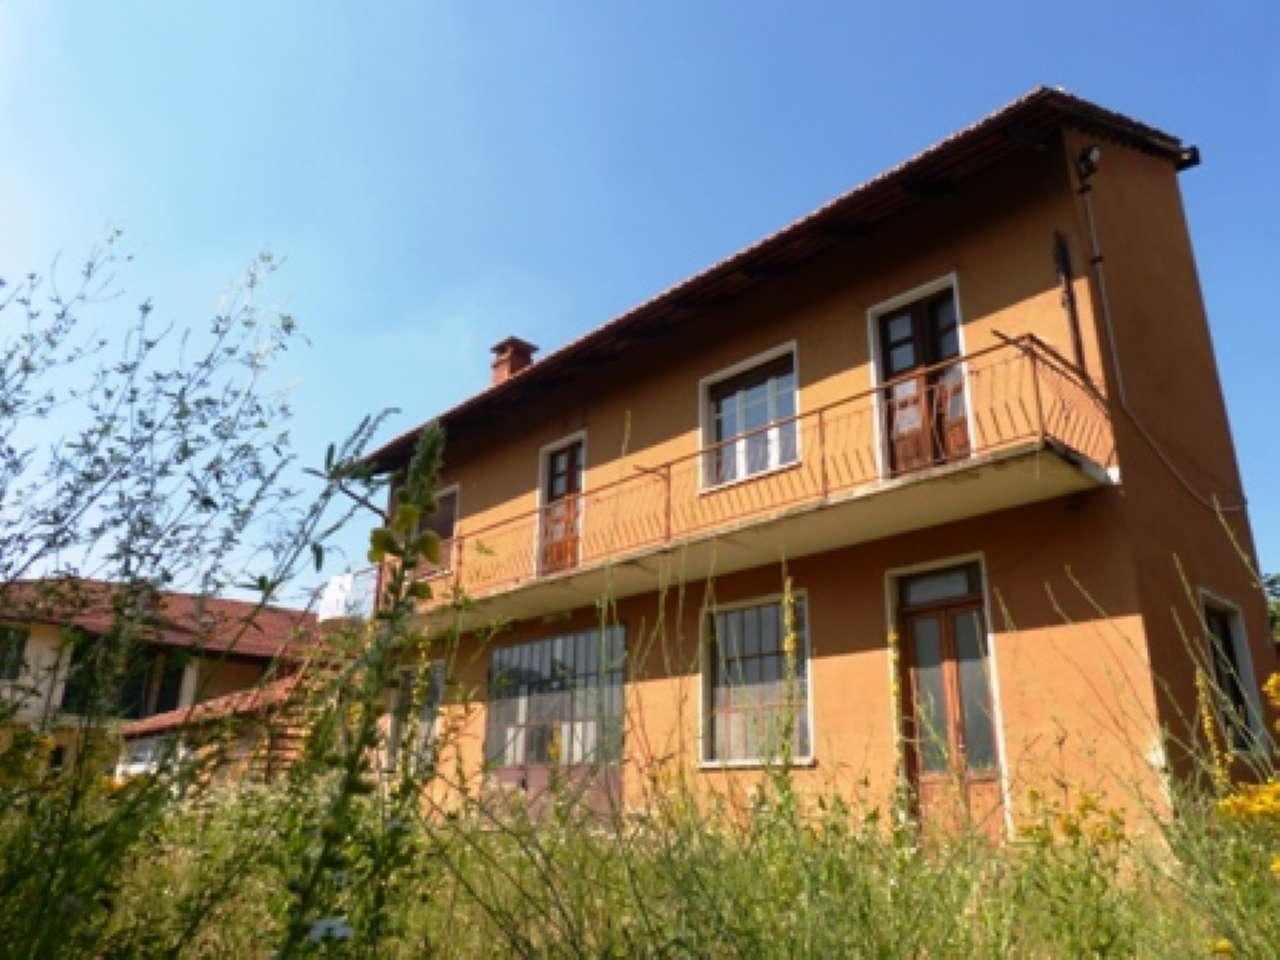 Soluzione Indipendente in vendita a Fossano, 4 locali, prezzo € 195.000 | CambioCasa.it